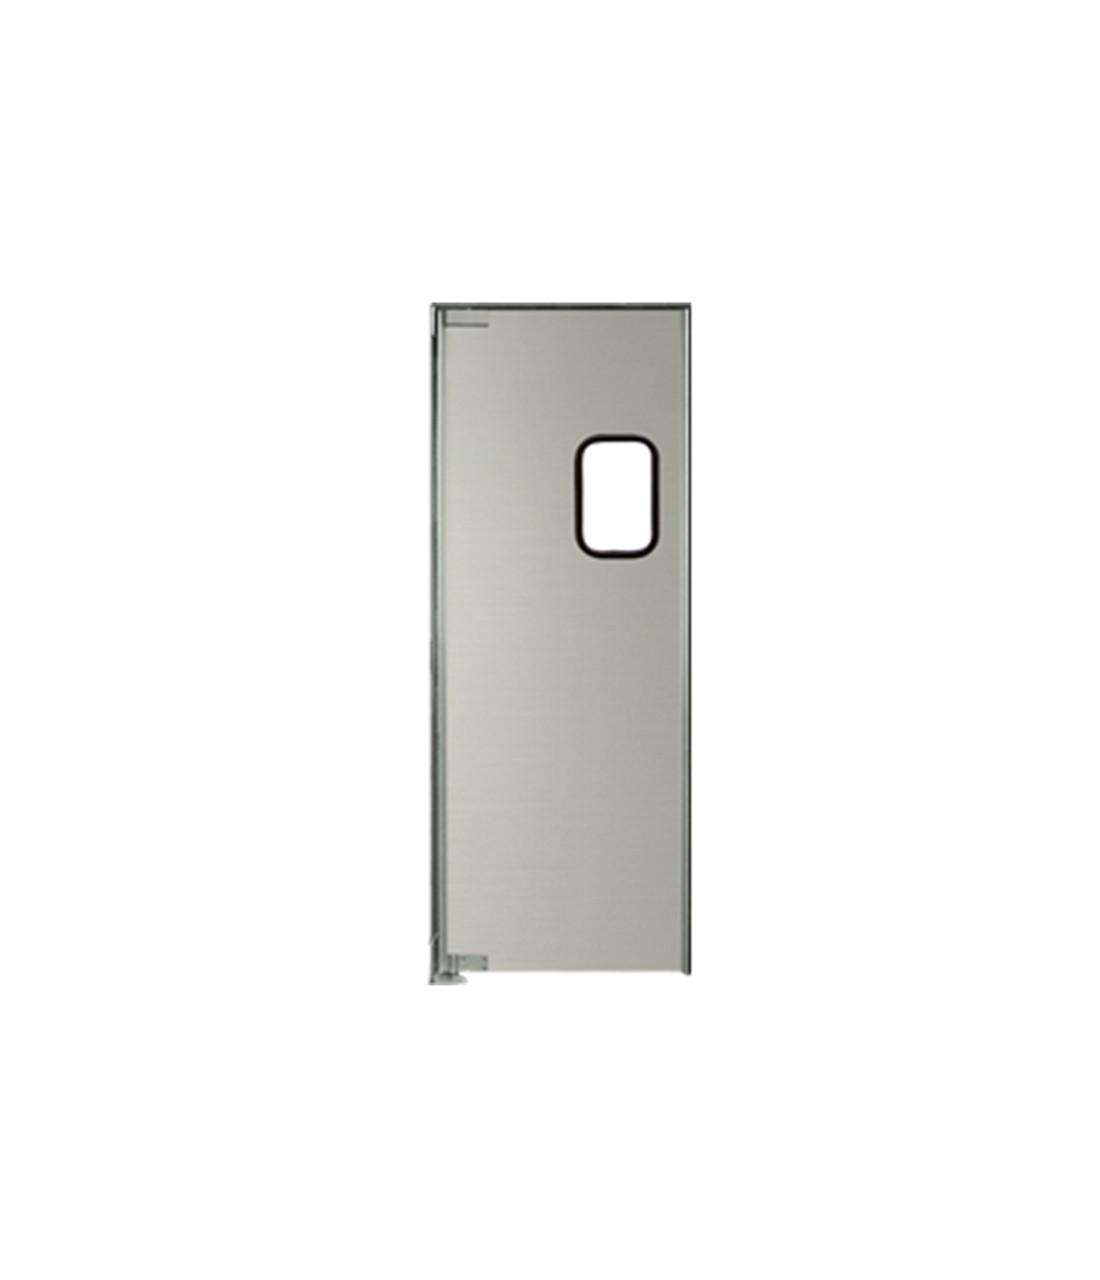 Aluminum Swinging Door: Single Panel, Left Side Hinge, 36 ...